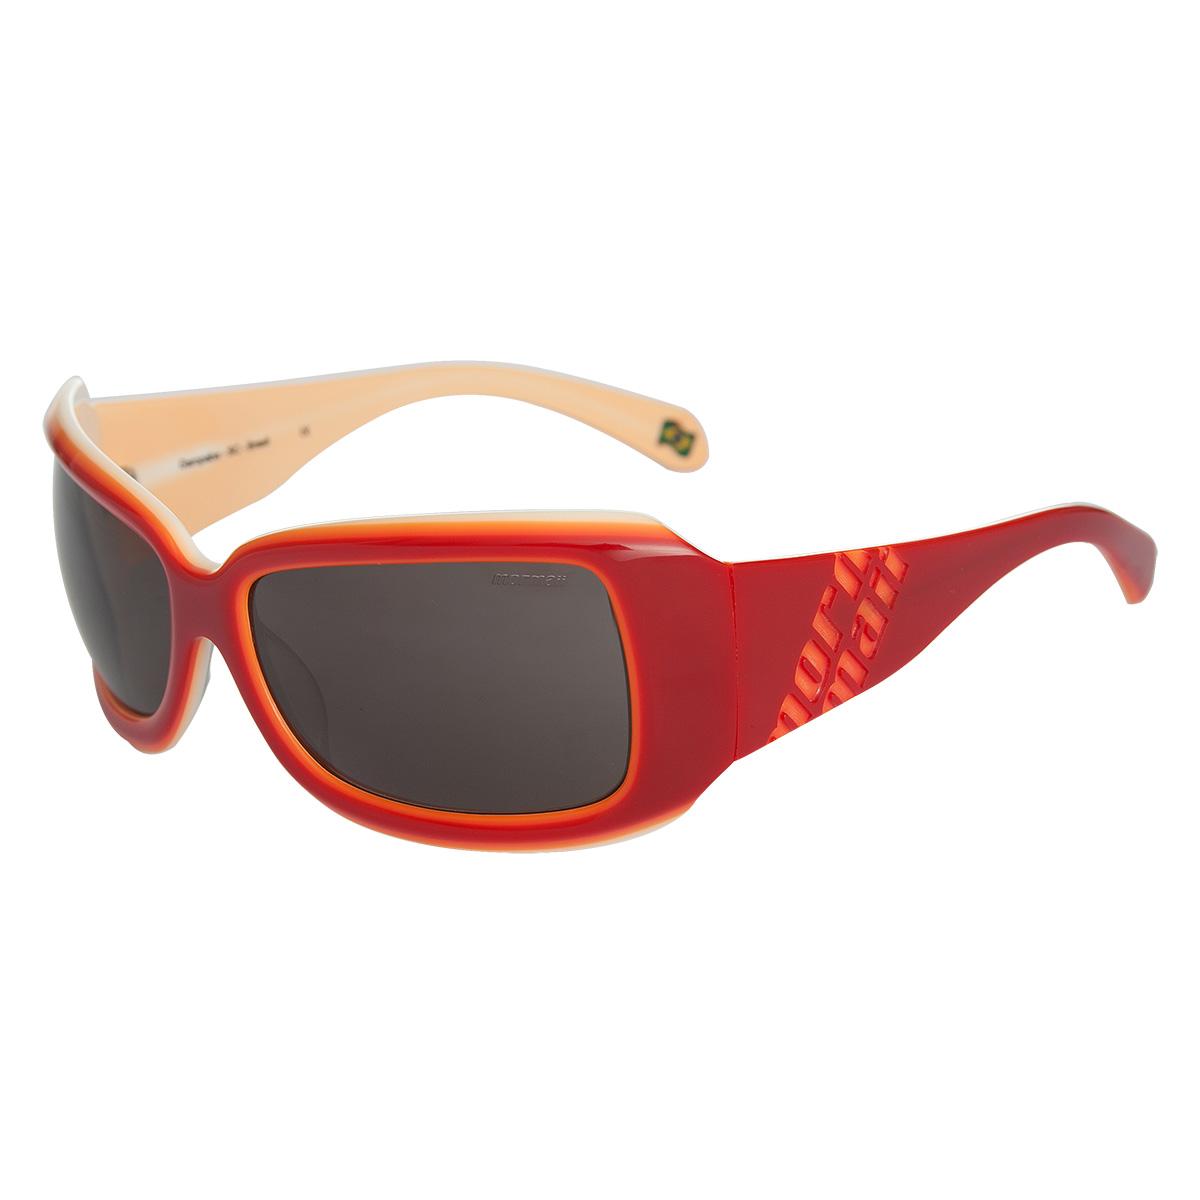 Óculos De Sol Mormaii Ilha Bela - Vermelho/Branco